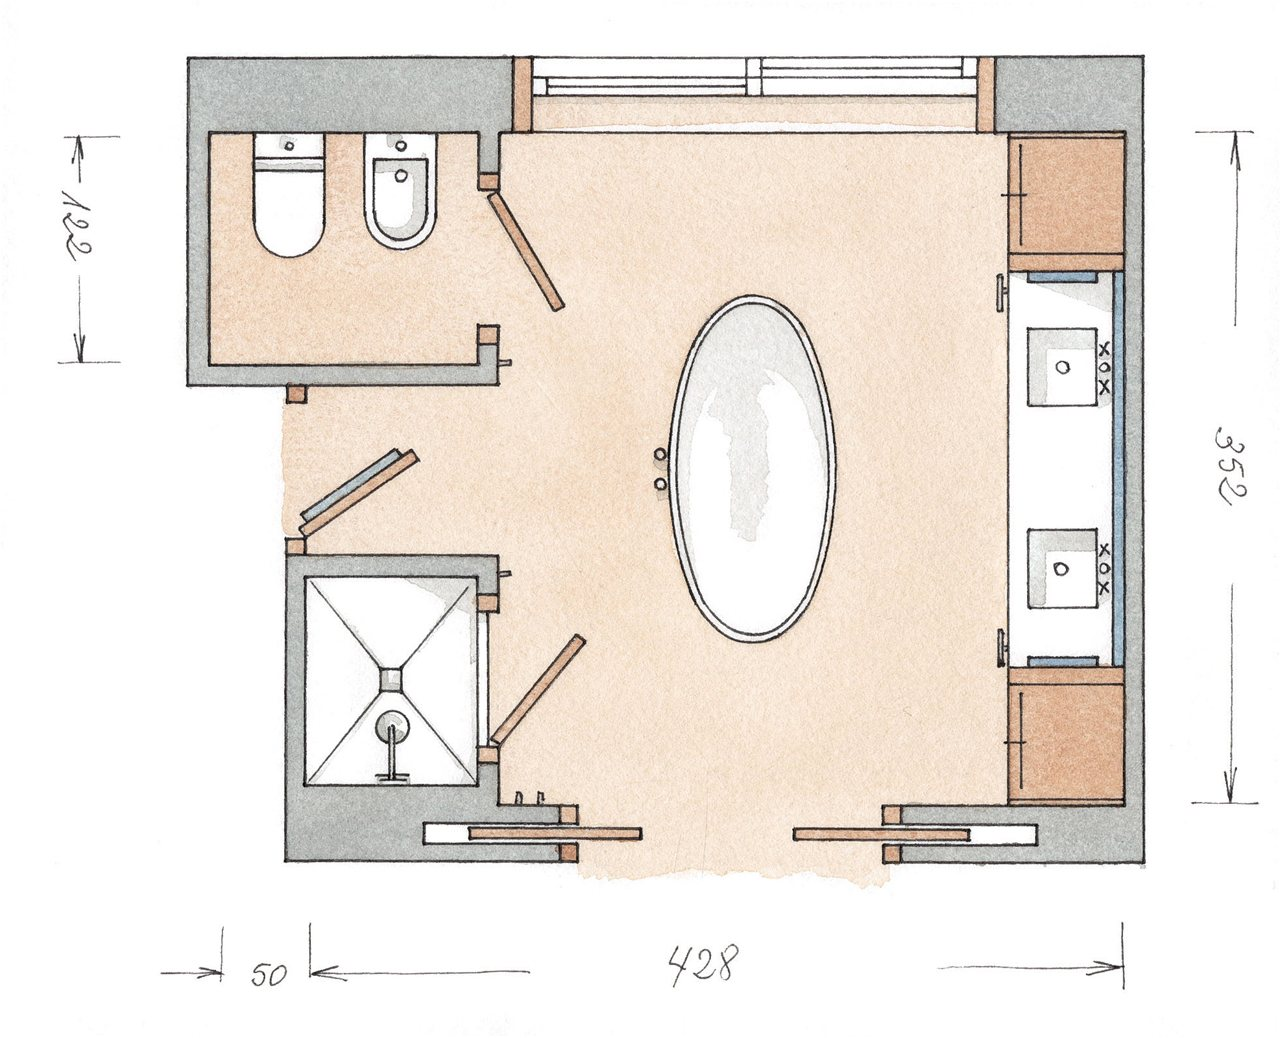 Baños Medidas Planos:Con la calidez de la madera